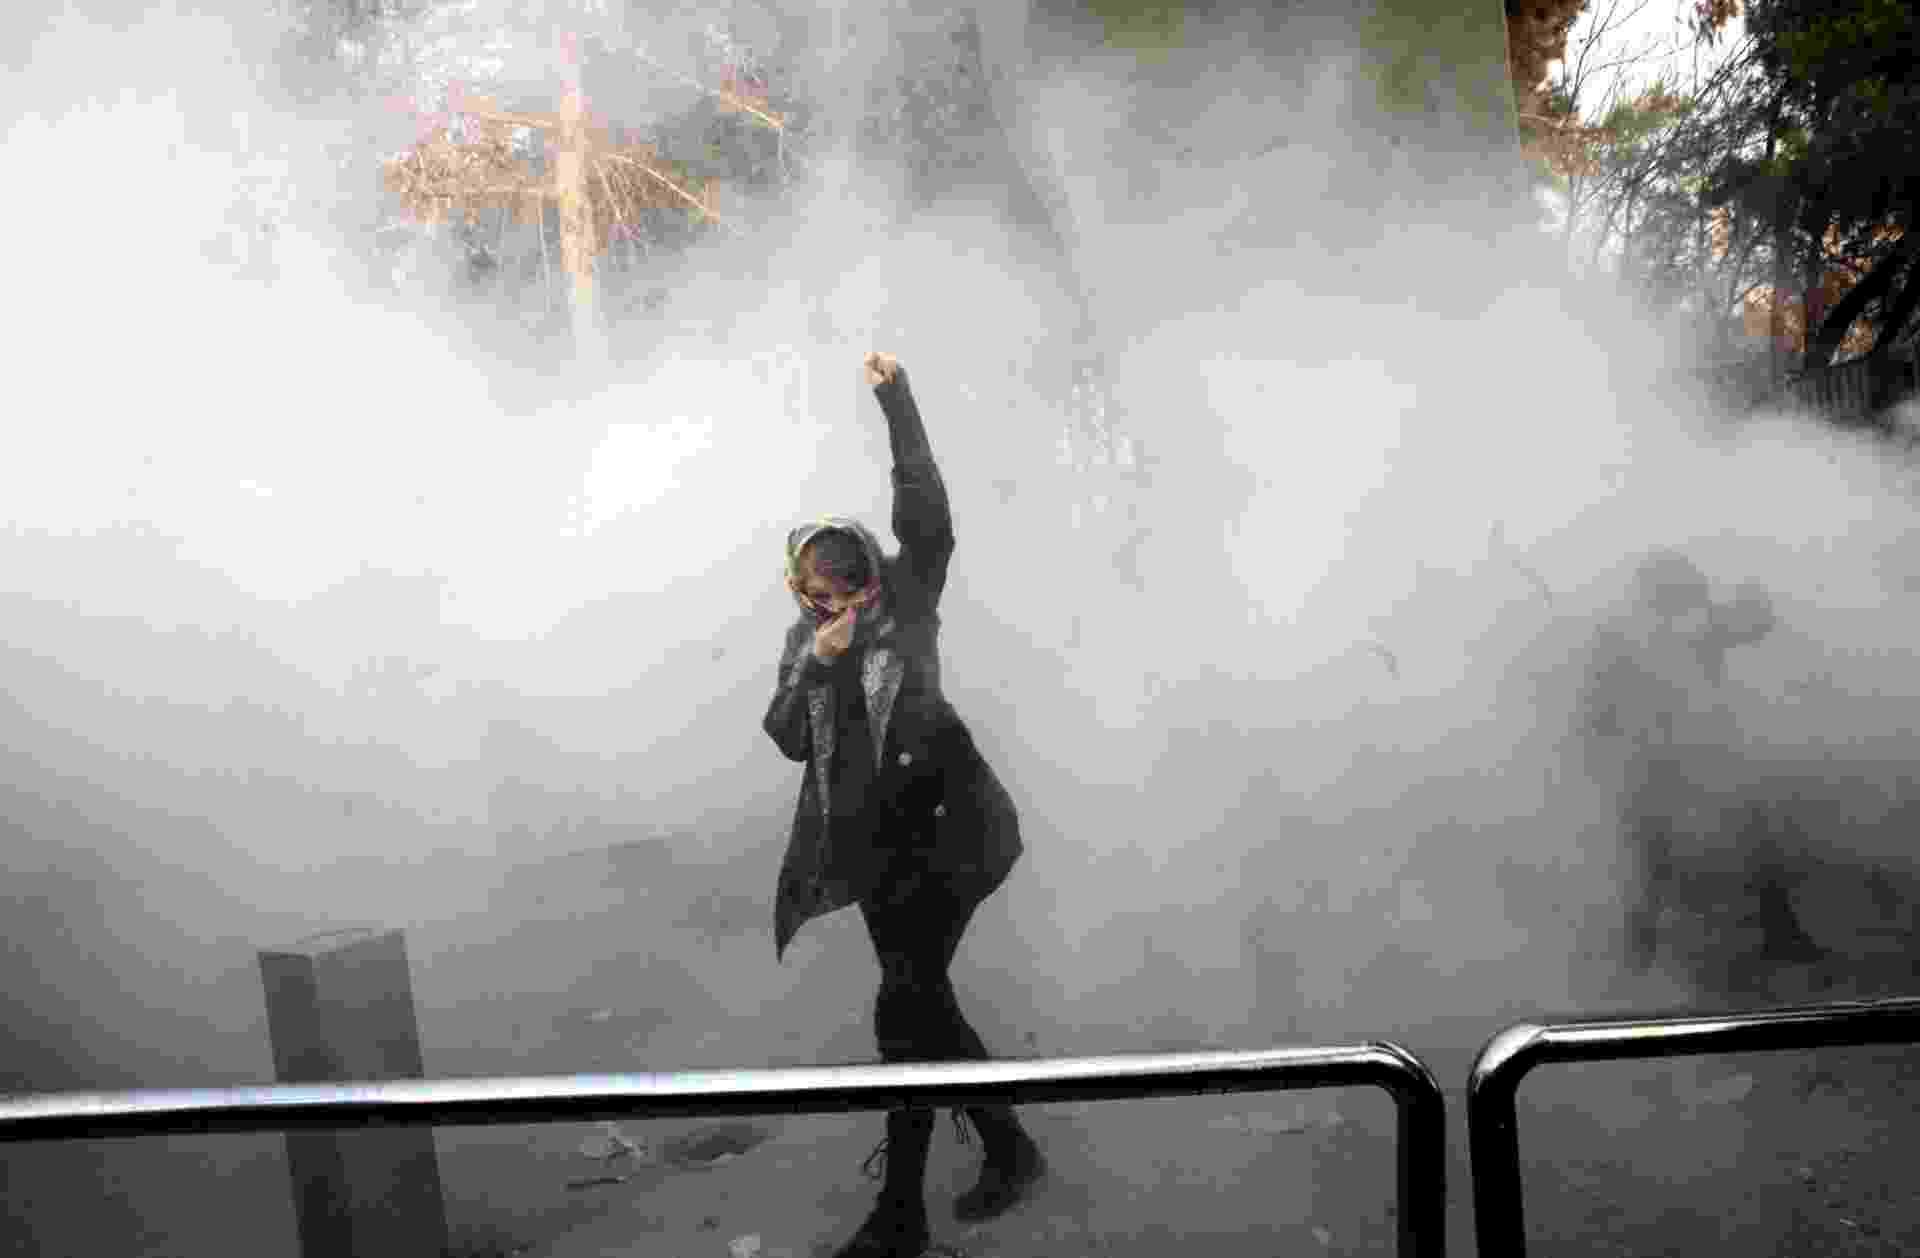 Uma mulher iraniana caminha em meio à fumaça de gás lacrimogêneo na Universidade de Teerã durante protesto impulsionado pela raiva sobre os problemas econômicos, na capital Teerã, em 30 de dezembro de 2017 - AFP